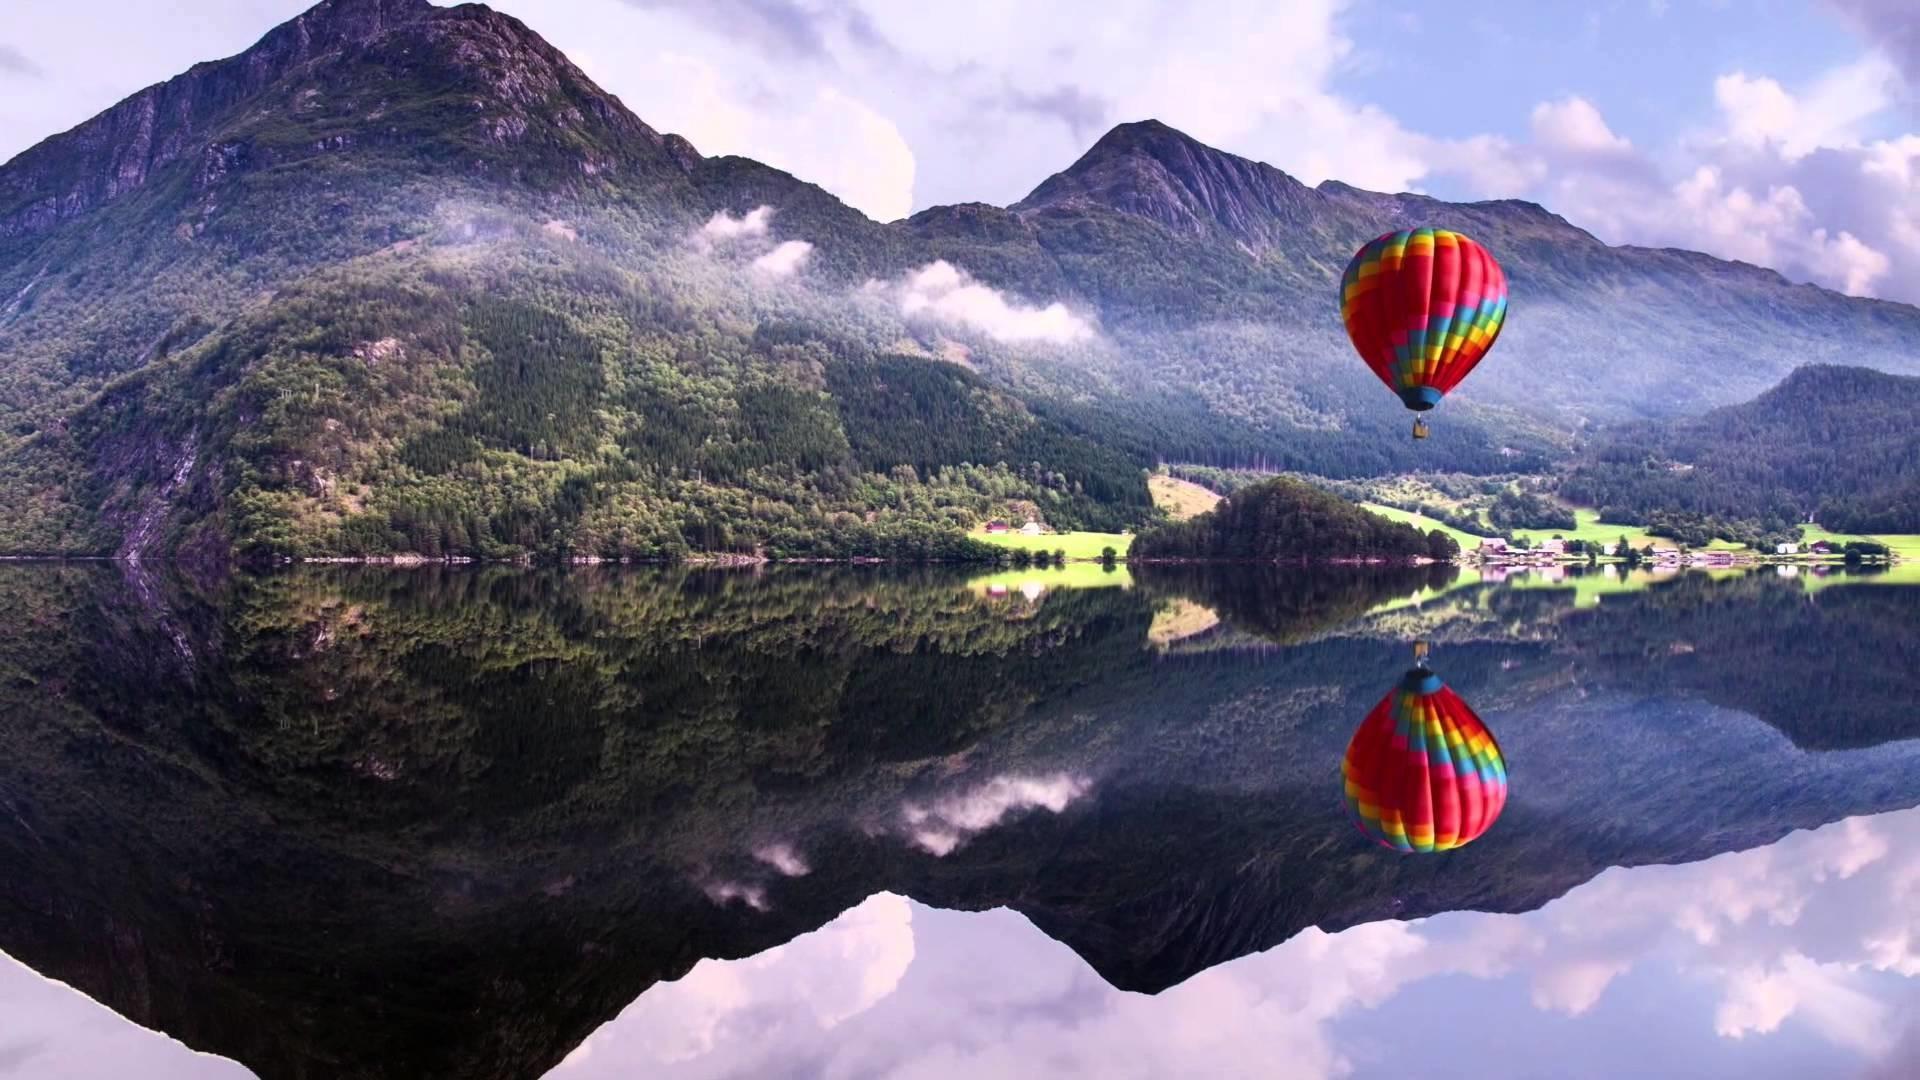 4K ULTRA HD Baloon, Lake, Mountains